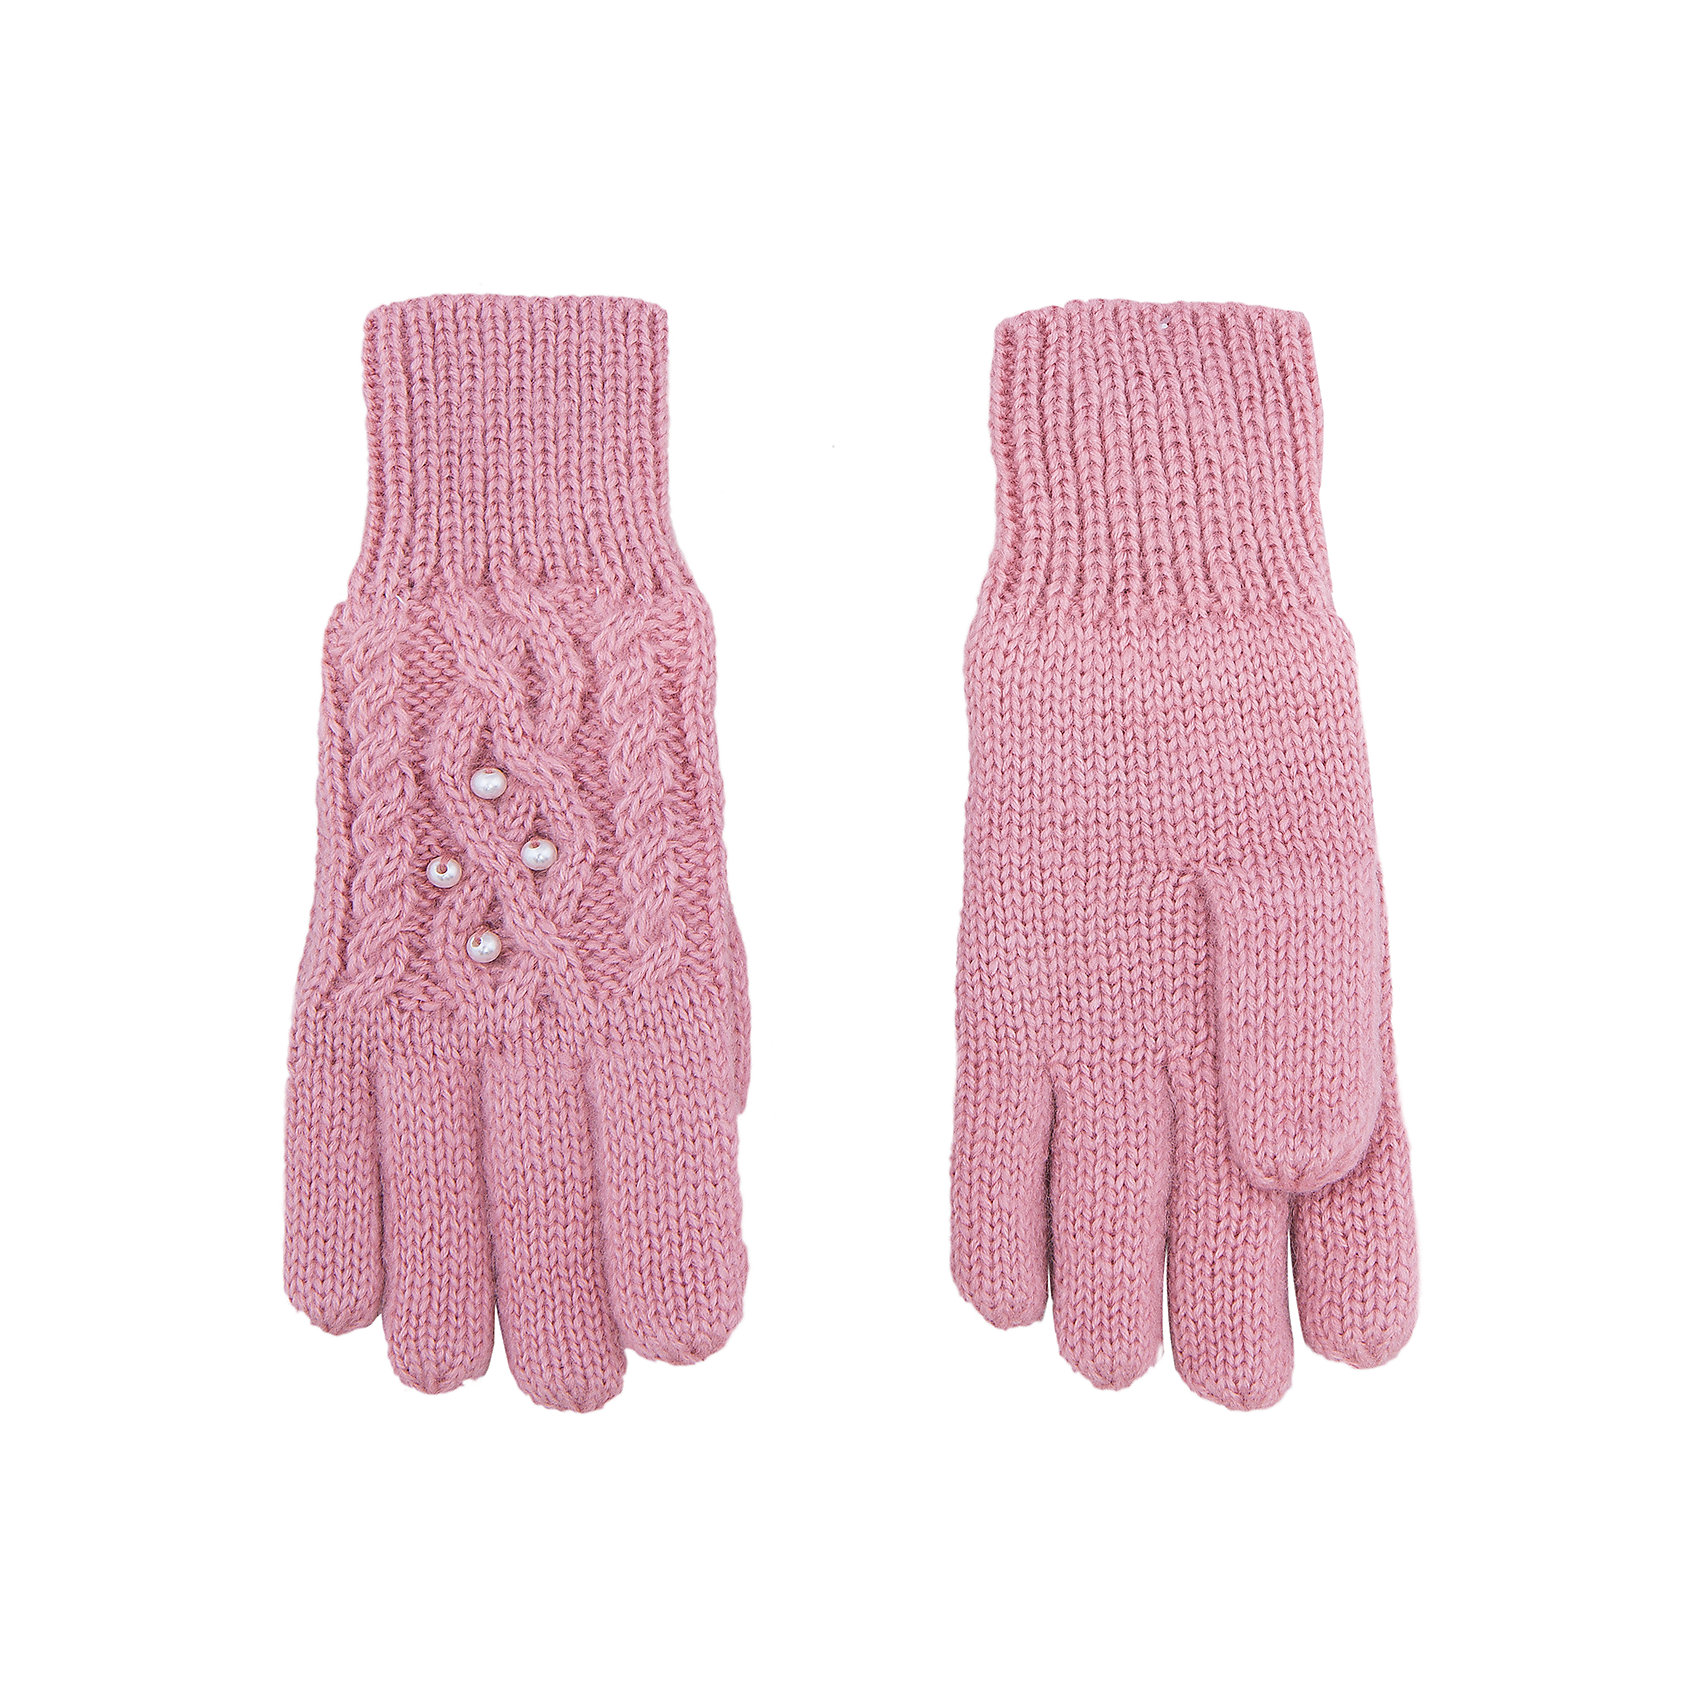 Перчатки для девочки SELAПерчатки, варежки<br>Удобные теплые перчатки - незаменимая вещь в прохладное время года. Эта модель отлично сидит на ребенке, она сделана из плотного материала, позволяет гулять с комфортом на свежем воздухе зимой. Качественная пряжа не вызывает аллергии и обеспечивает ребенку комфорт. Модель будет уместна в различных сочетаниях.<br>Одежда от бренда Sela (Села) - это качество по приемлемым ценам. Многие российские родители уже оценили преимущества продукции этой компании и всё чаще приобретают одежду и аксессуары Sela.<br><br>Дополнительная информация:<br><br>украшены бусинами;<br>материал: 100% акрил; подкладка:100% ПЭ;<br>вязаный узор.<br><br>Перчатки для девочки от бренда Sela можно купить в нашем интернет-магазине.<br><br>Ширина мм: 162<br>Глубина мм: 171<br>Высота мм: 55<br>Вес г: 119<br>Цвет: бежевый<br>Возраст от месяцев: 0<br>Возраст до месяцев: 3<br>Пол: Женский<br>Возраст: Детский<br>Размер: 16,3<br>SKU: 5020147